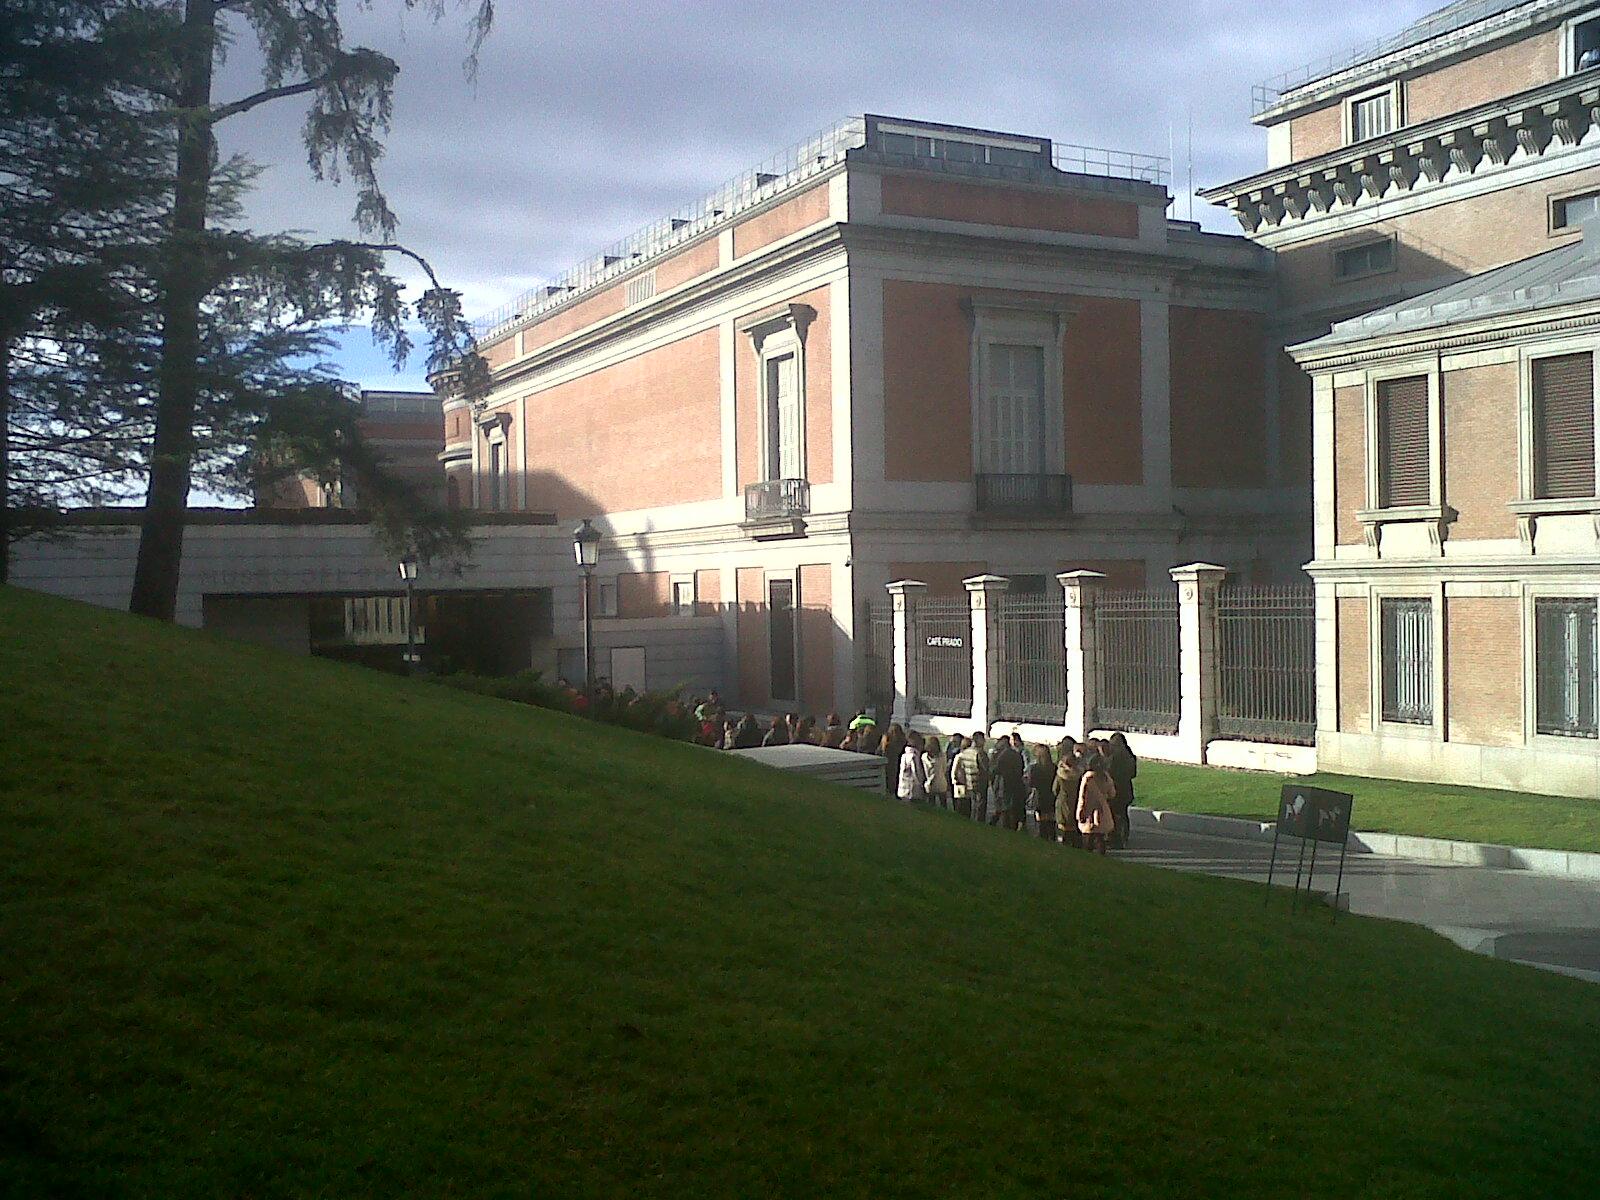 mad-prado-museum-ent-paseo-jeronimos-w-tkts-feb13